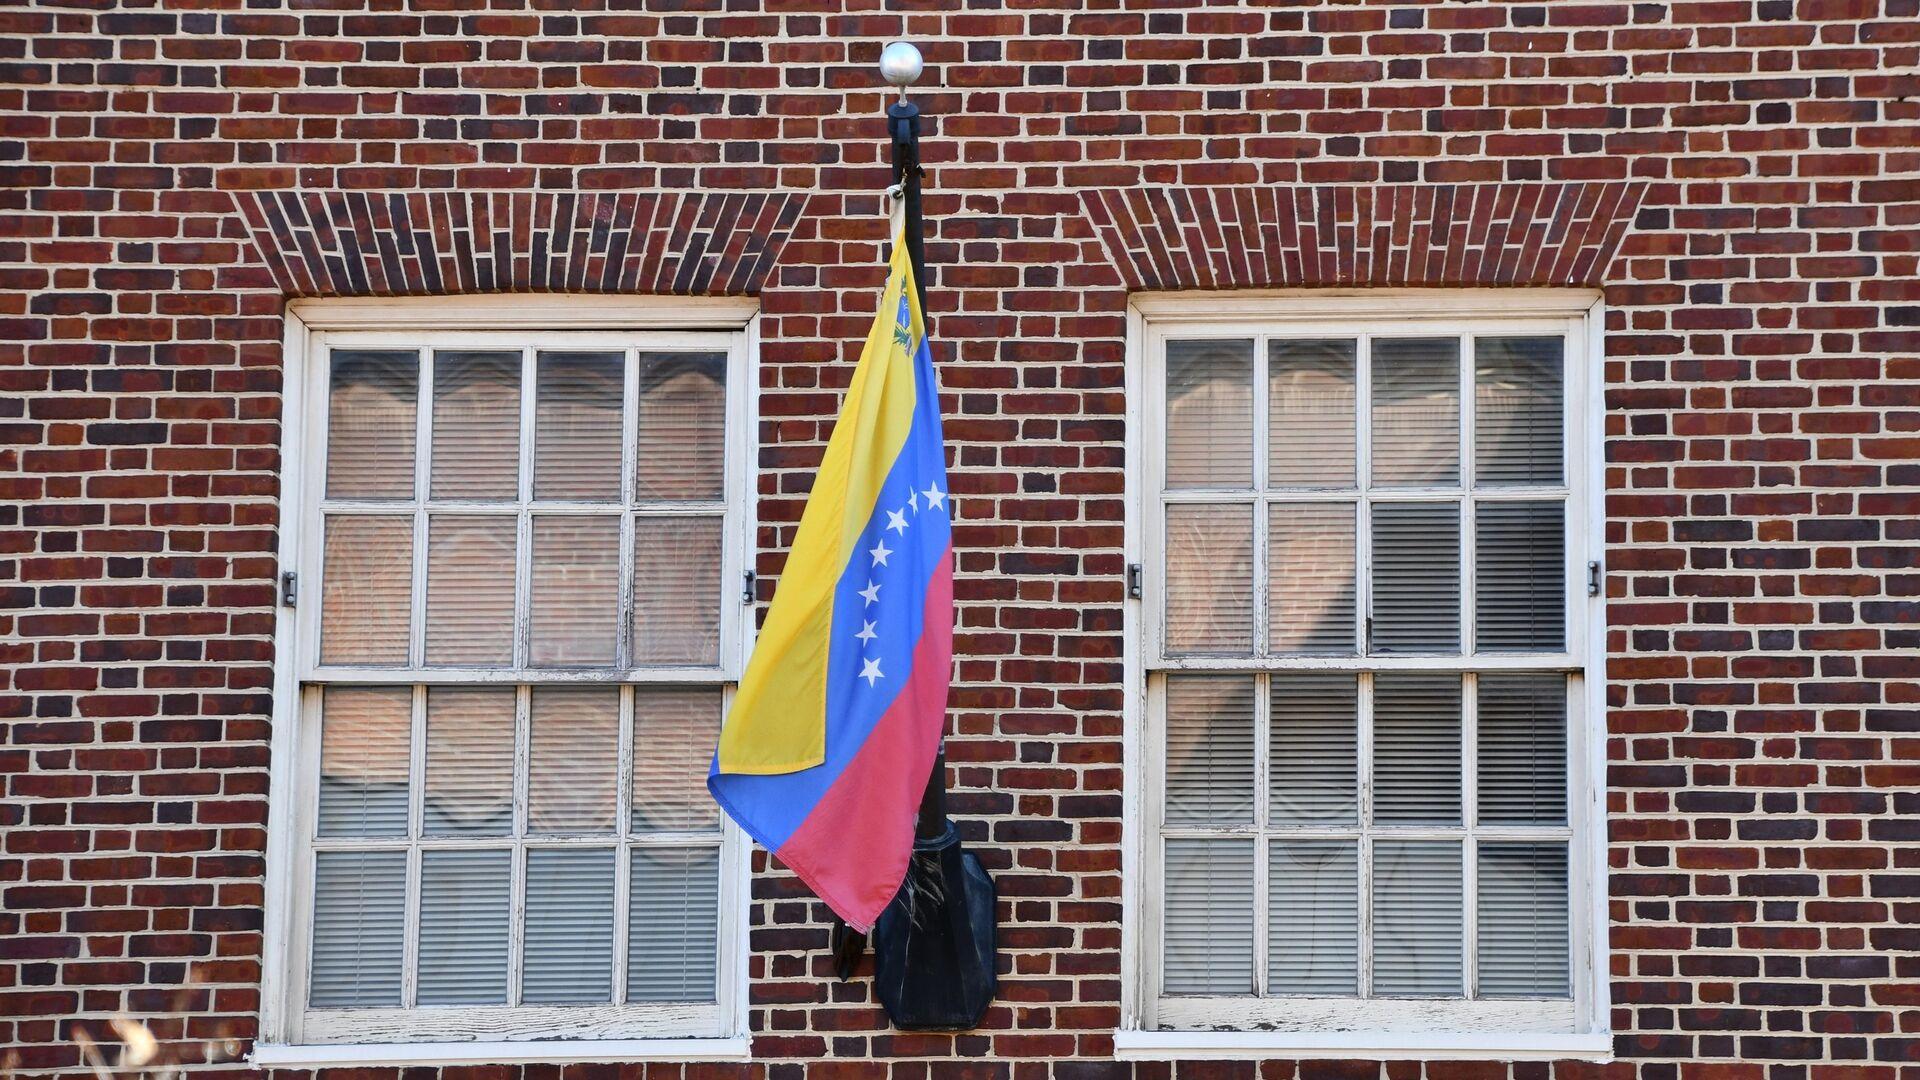 La bandera de Venezuela - Sputnik Mundo, 1920, 13.04.2021